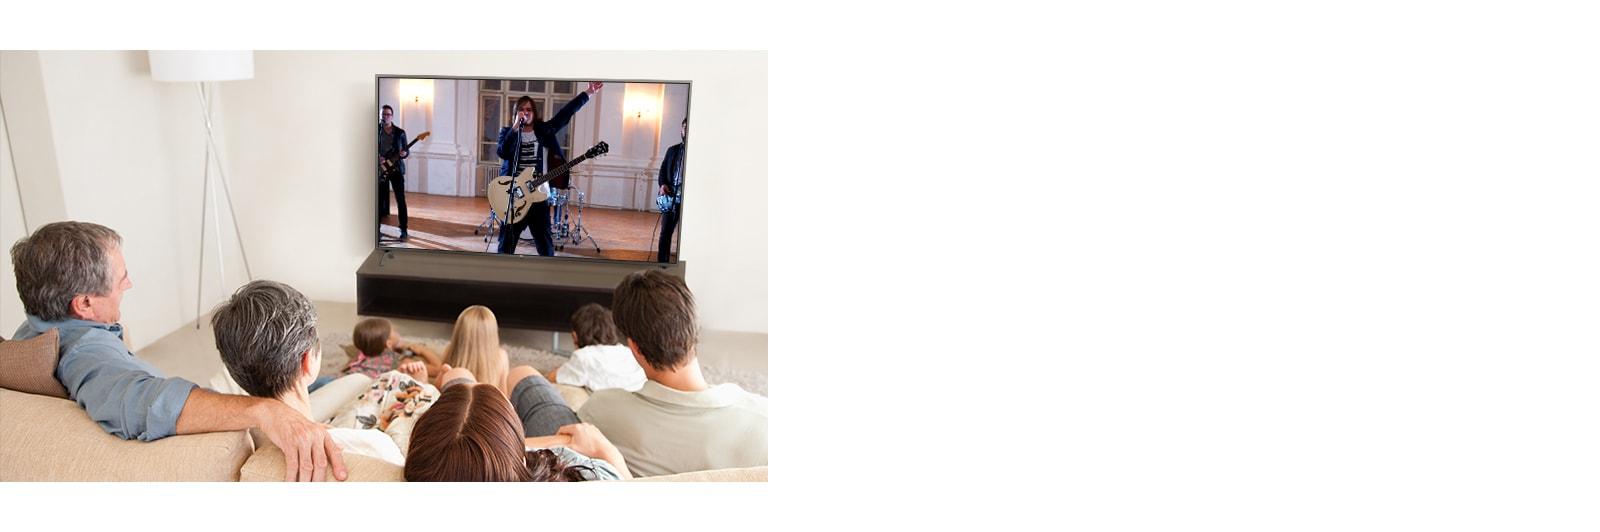 Une famille de sept personnes réunies dans le salon pour regarder un film. L'écran de téléviseur montre un groupe qui se produit.